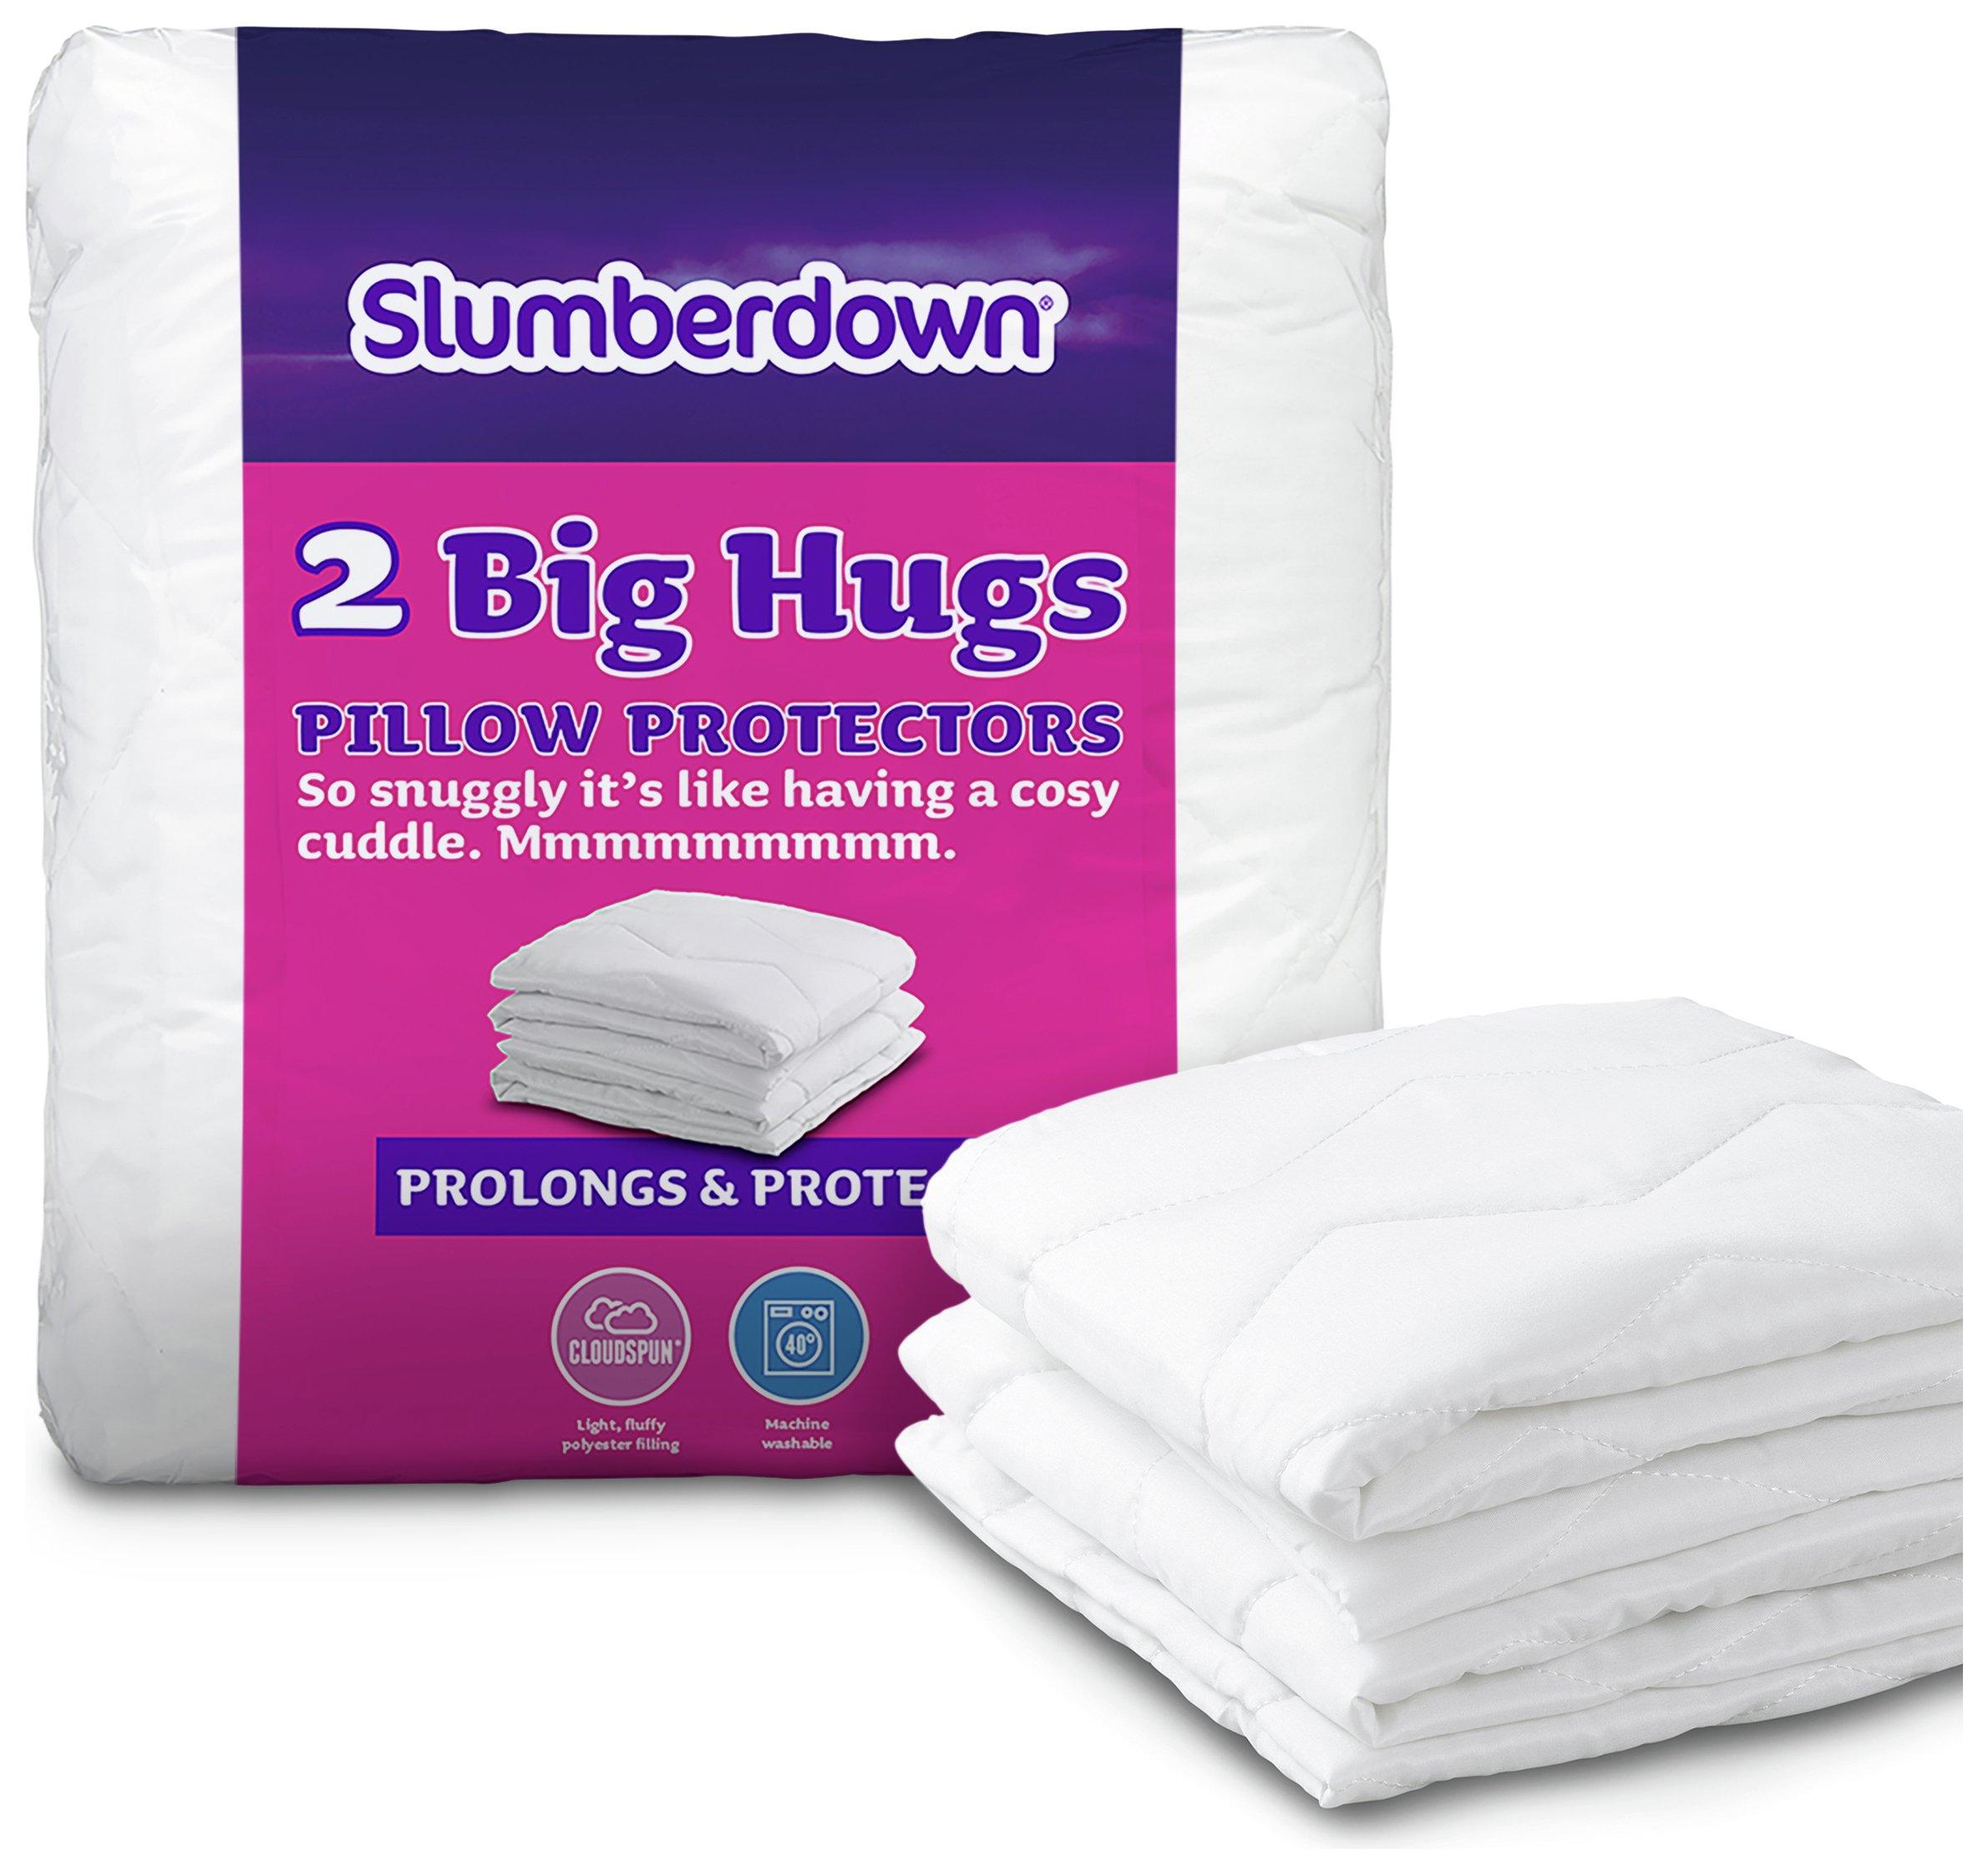 slumberdown big hugs pillow protectors  2 pack